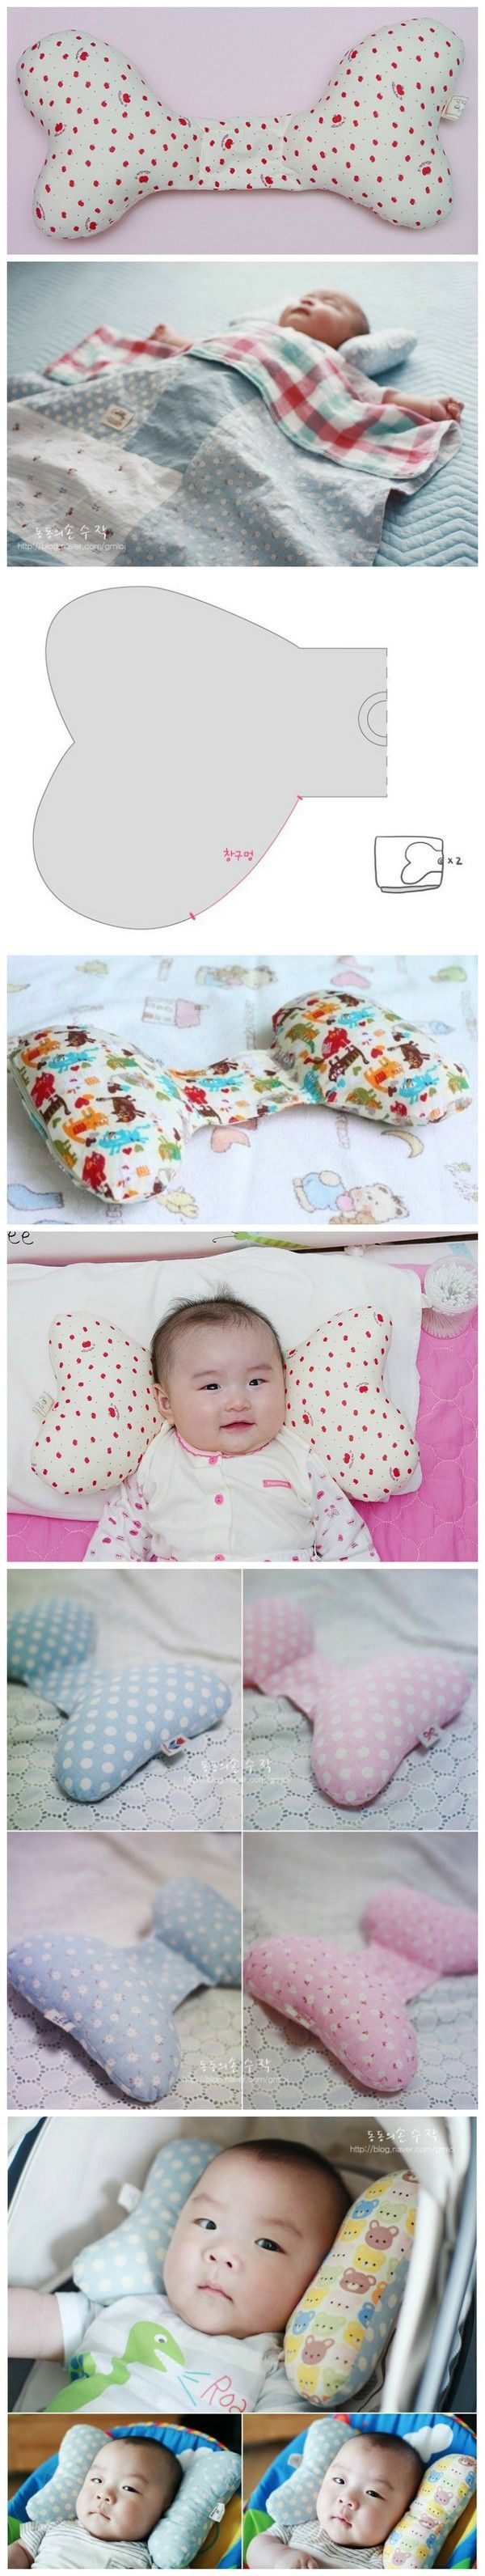 Детские подушки своими руками: выкройки, схемы, пошив 78